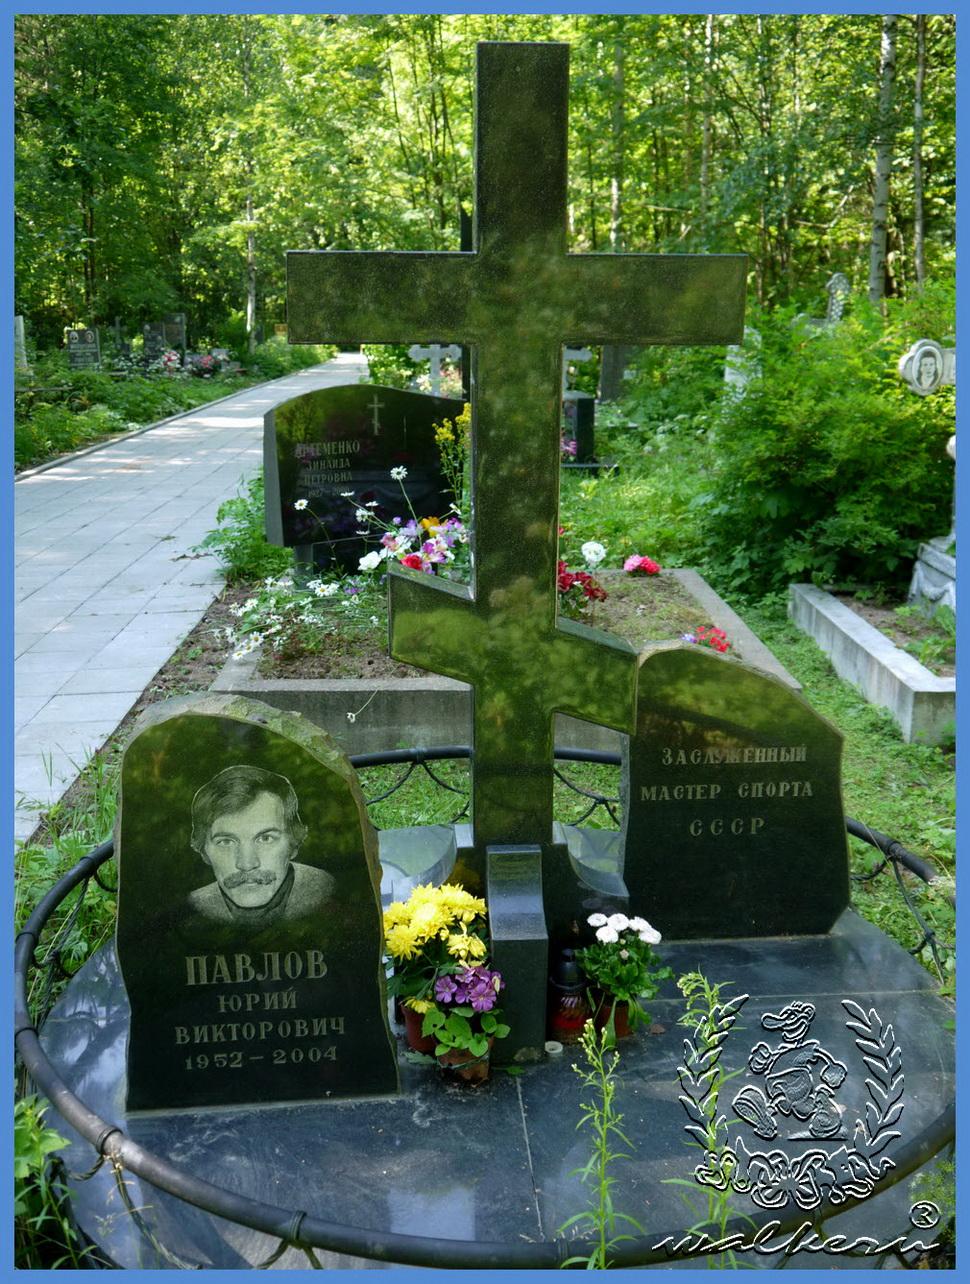 Могила Павлова Ю.В. на Северном кладбище